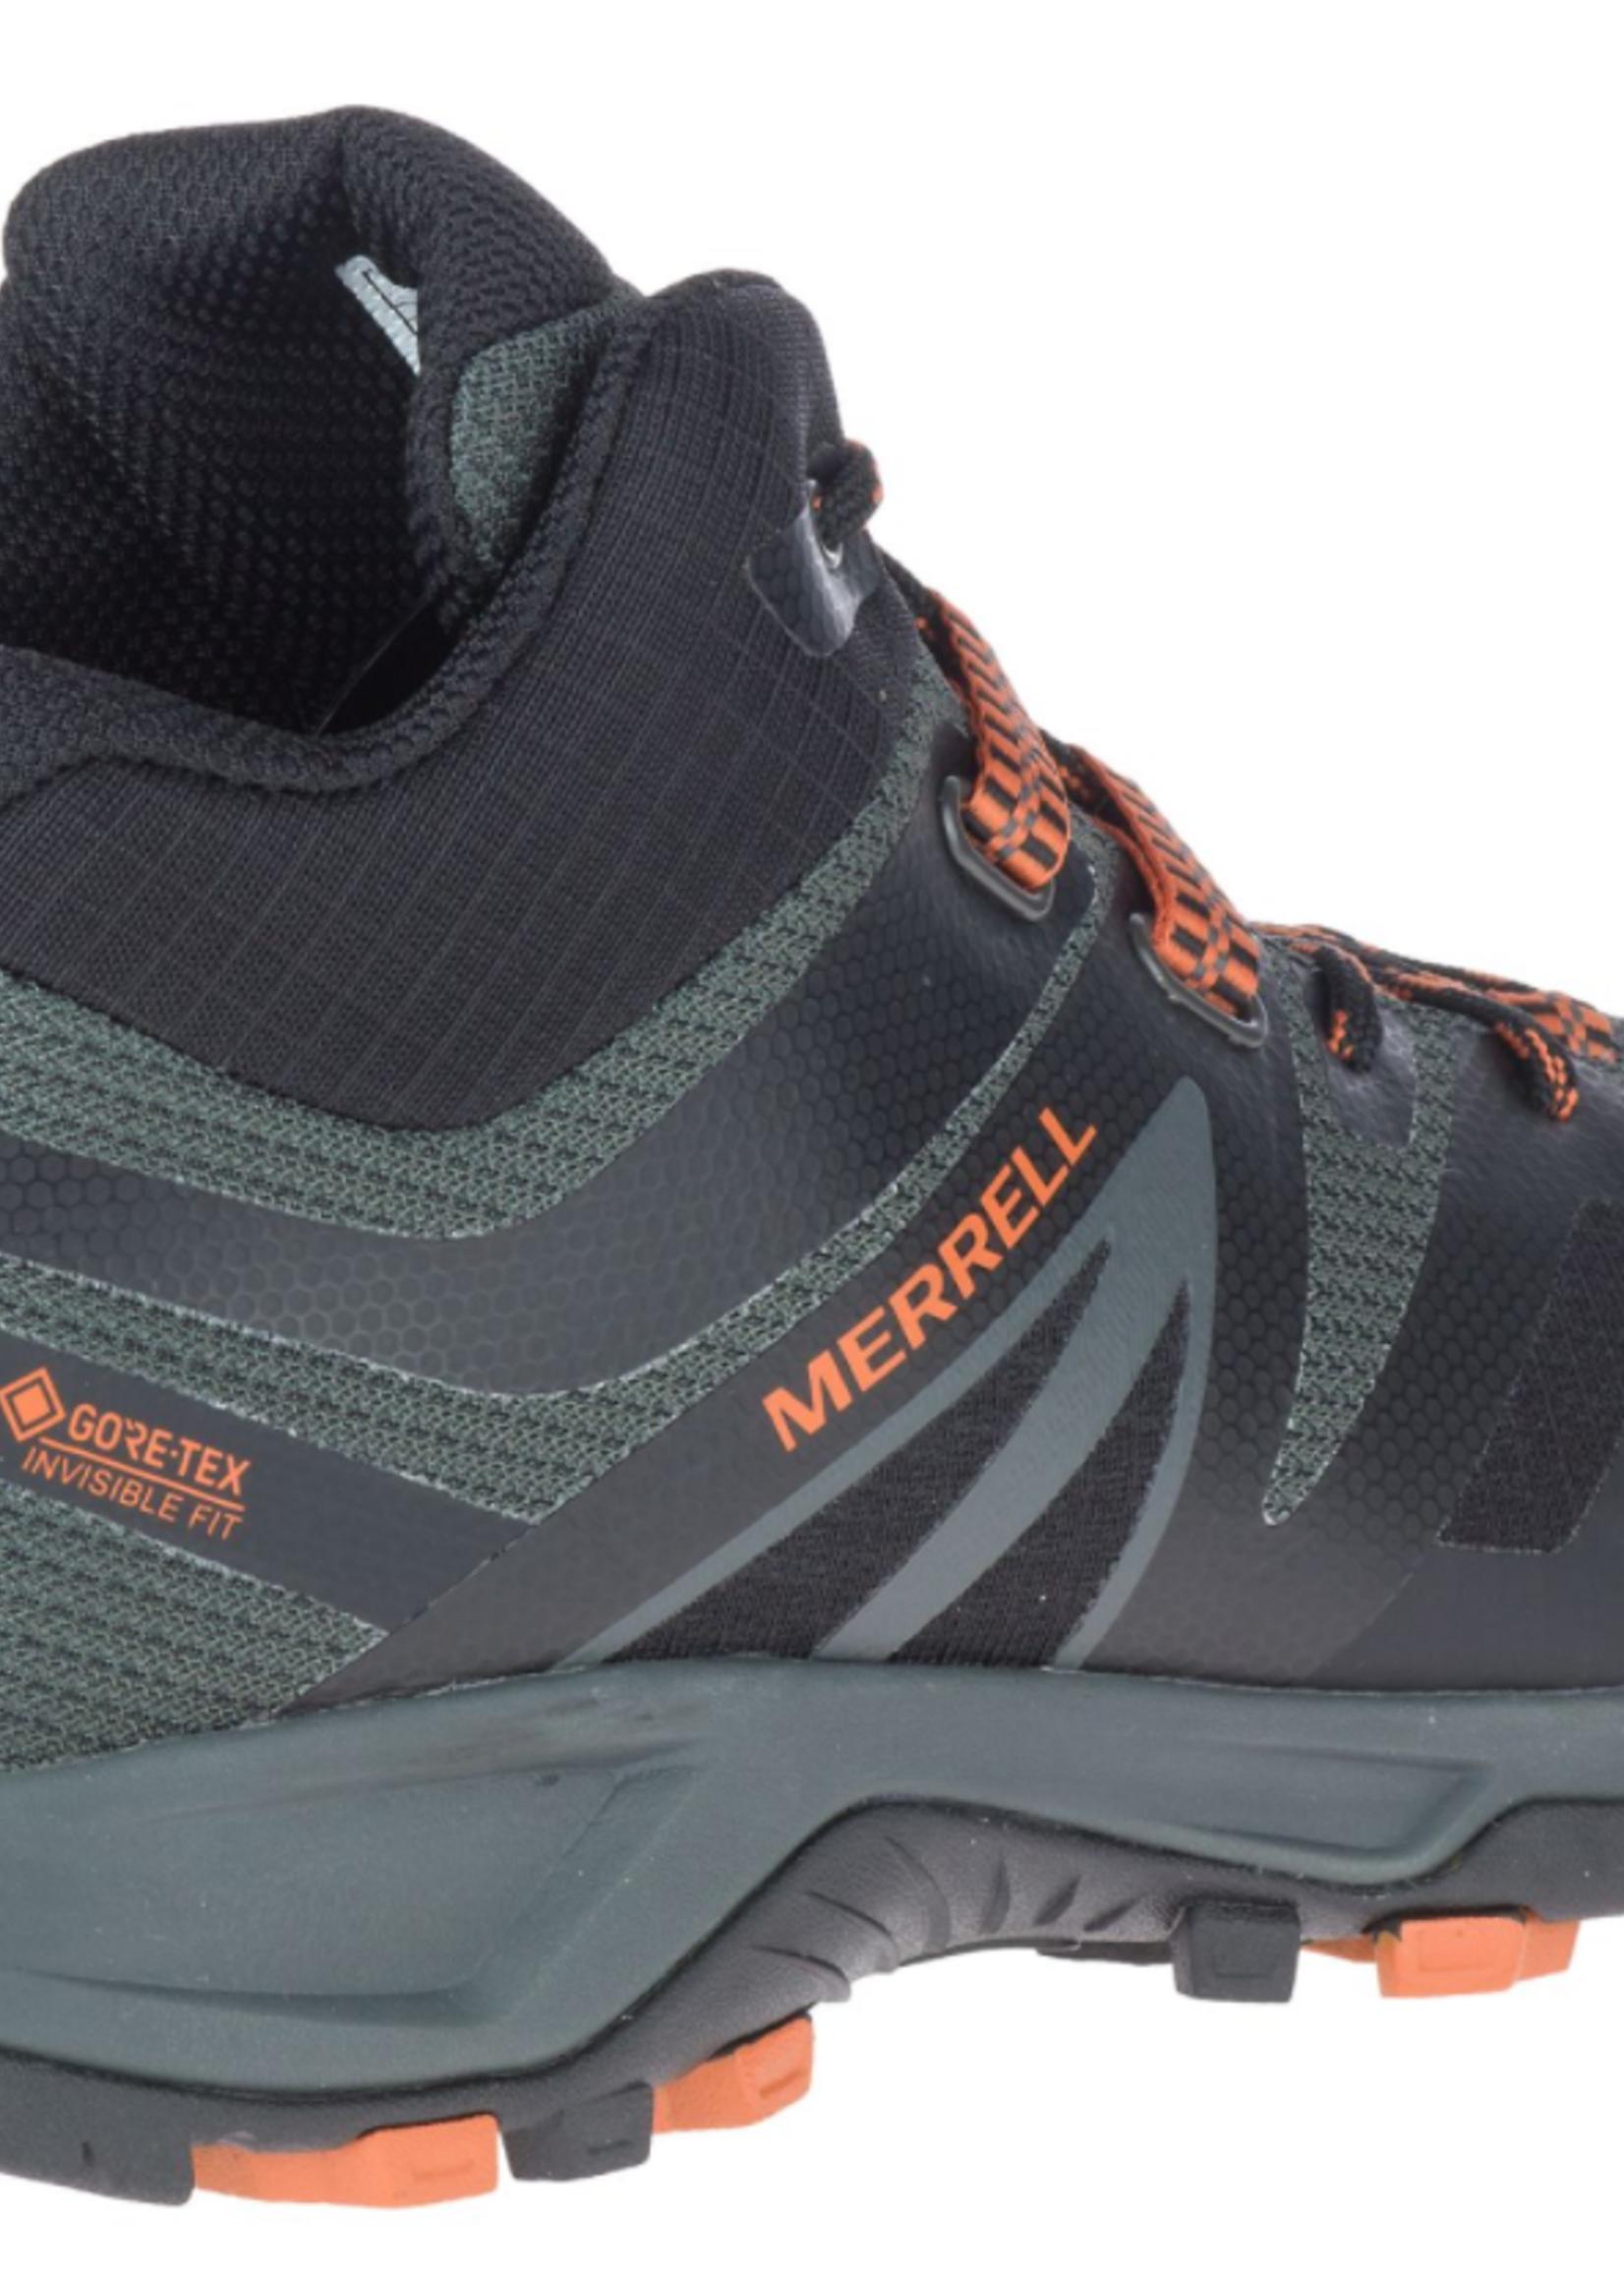 Merrell MQM FLEX 2 MID GTX J034225